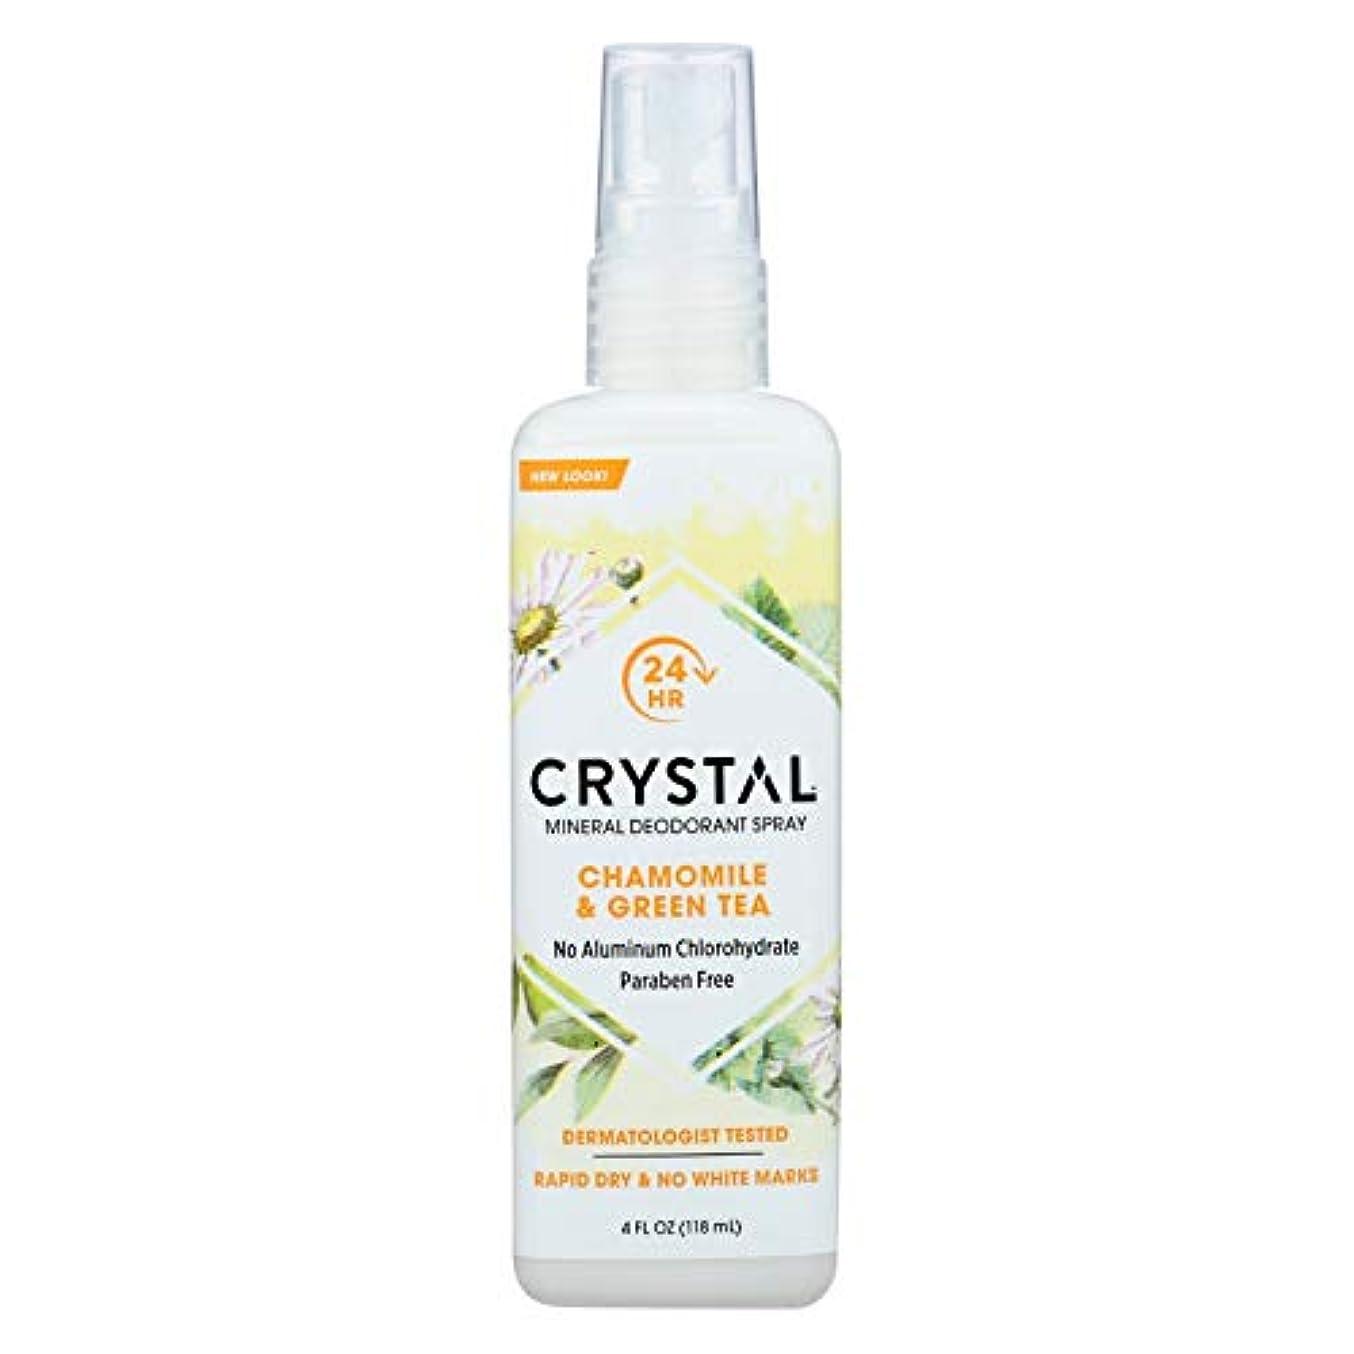 貼り直すマトリックス政令Crystal Body Deodorant - 水晶本質のフランスの運輸Chamomile及び緑茶によるミネラル防臭剤ボディスプレー - 4ポンド